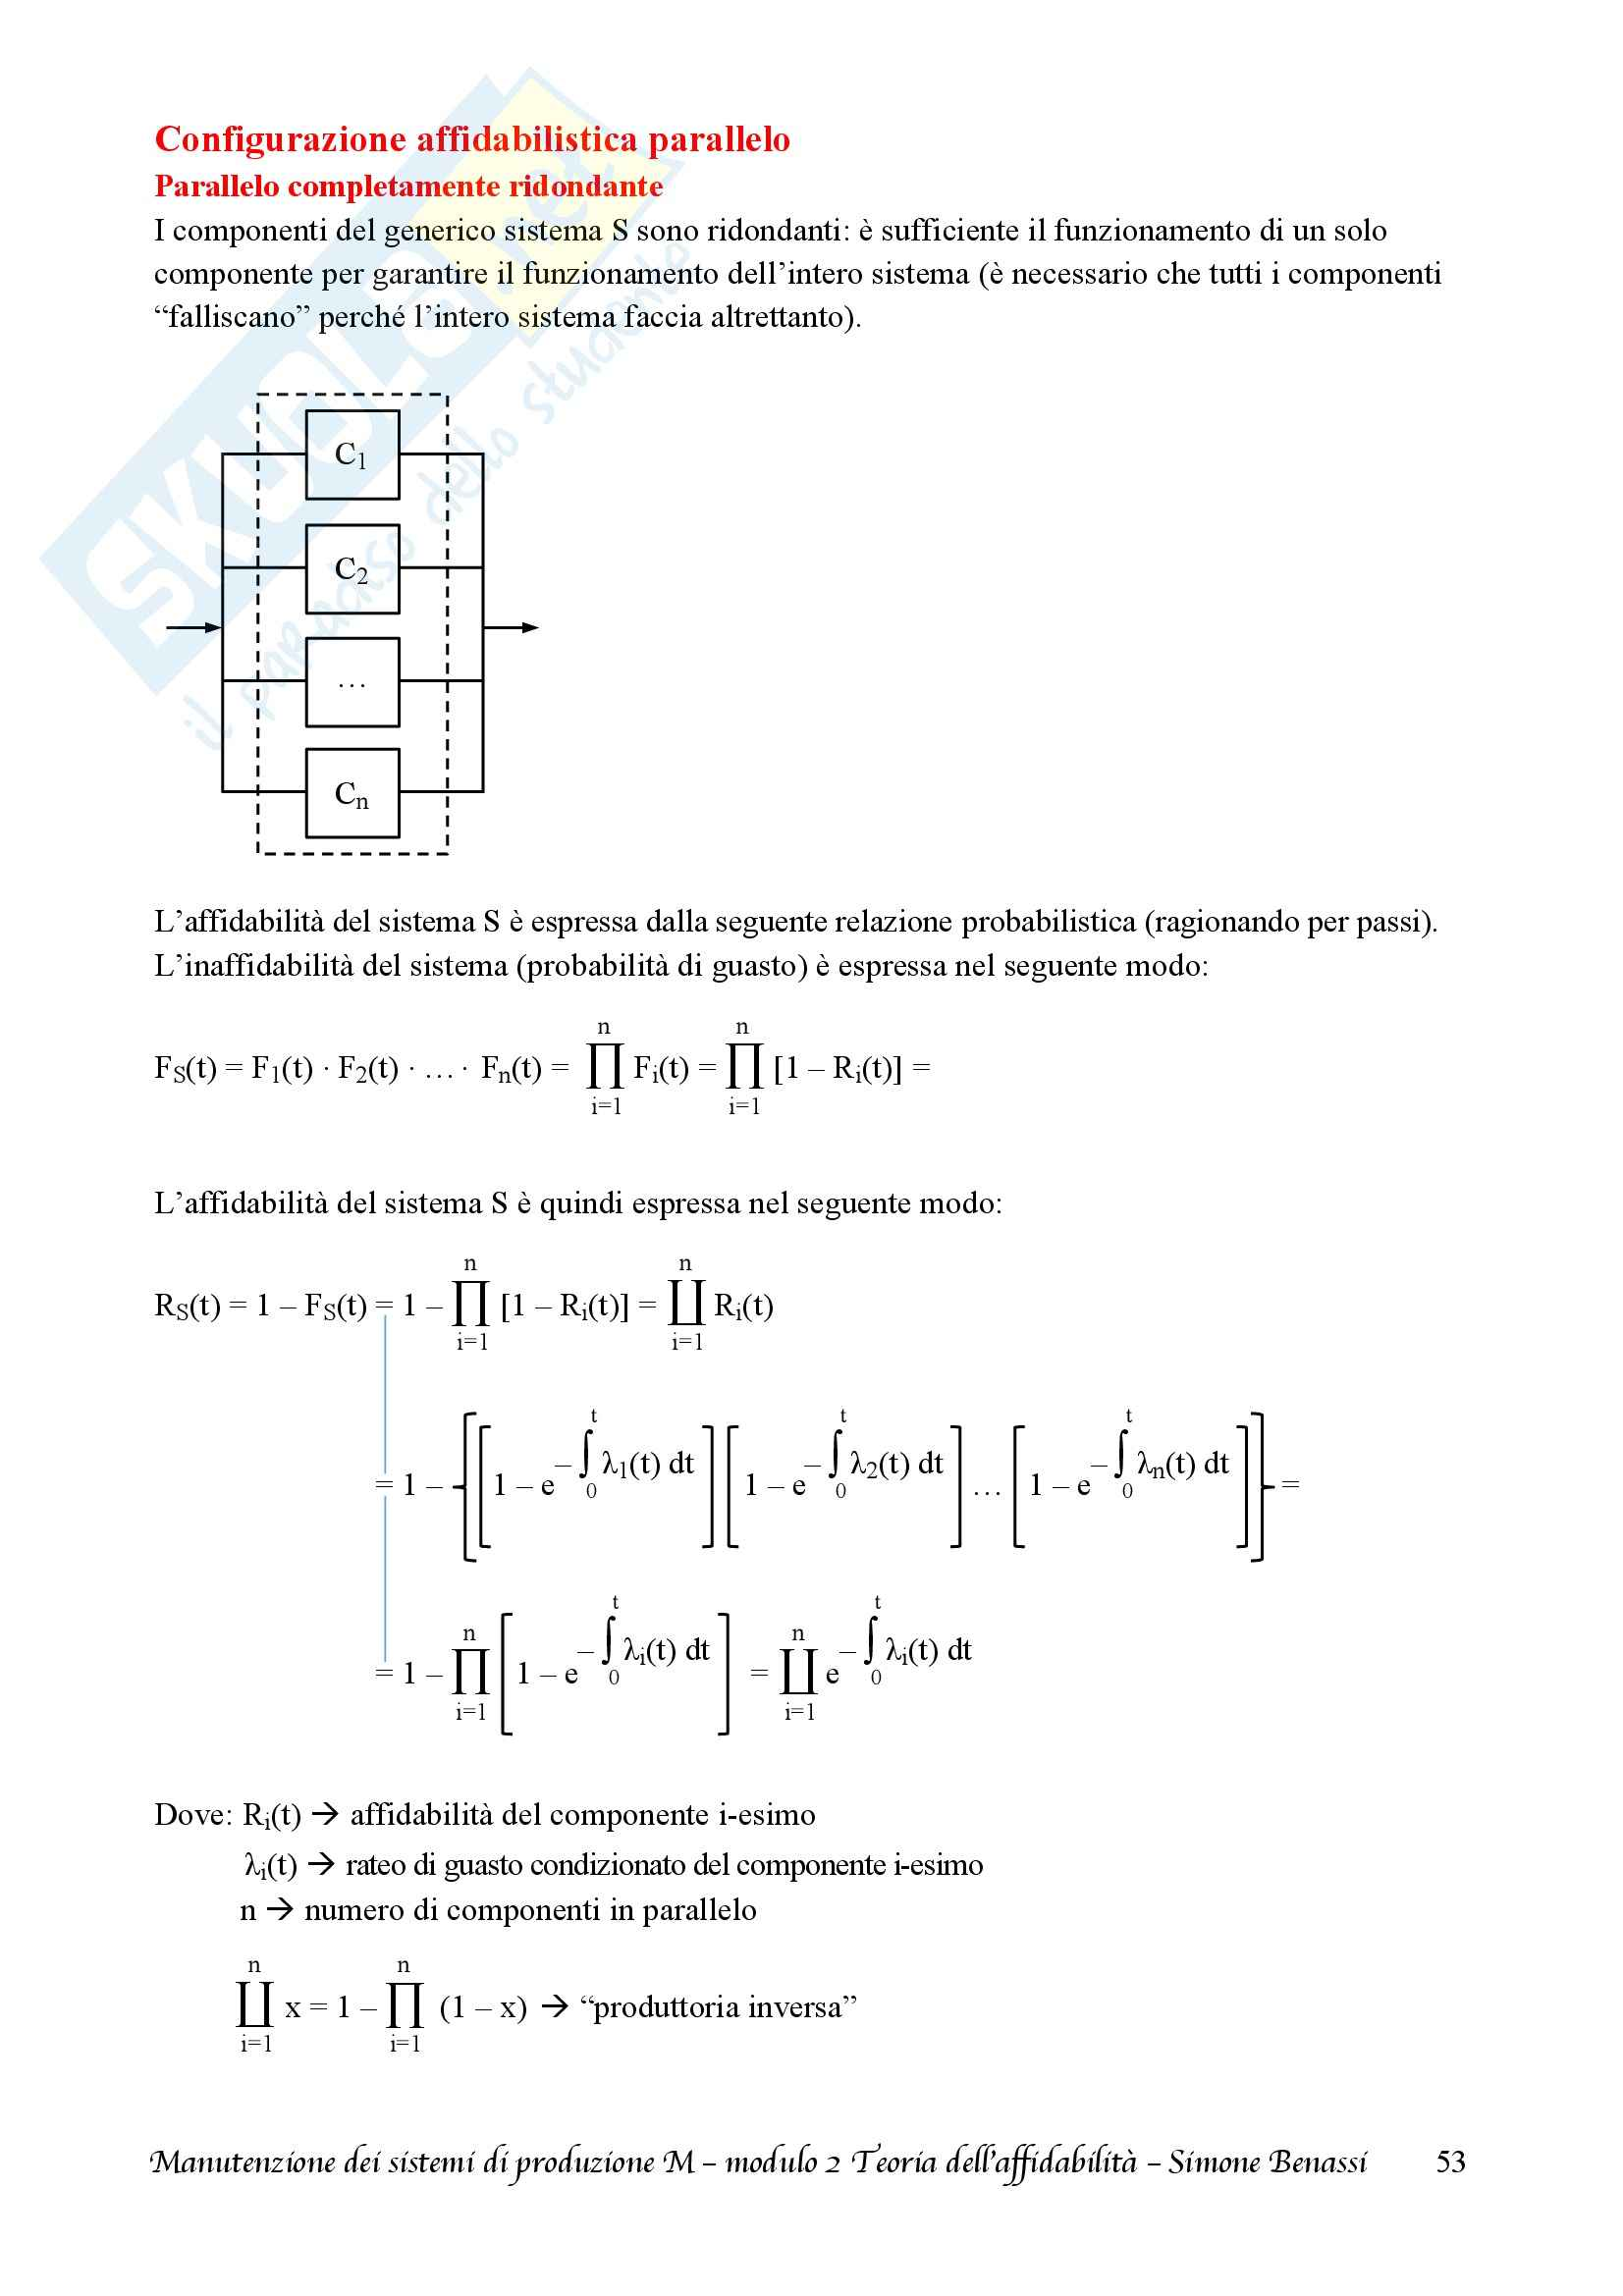 Lezioni, Manutenzione dei sistemi di produzione M Pag. 56